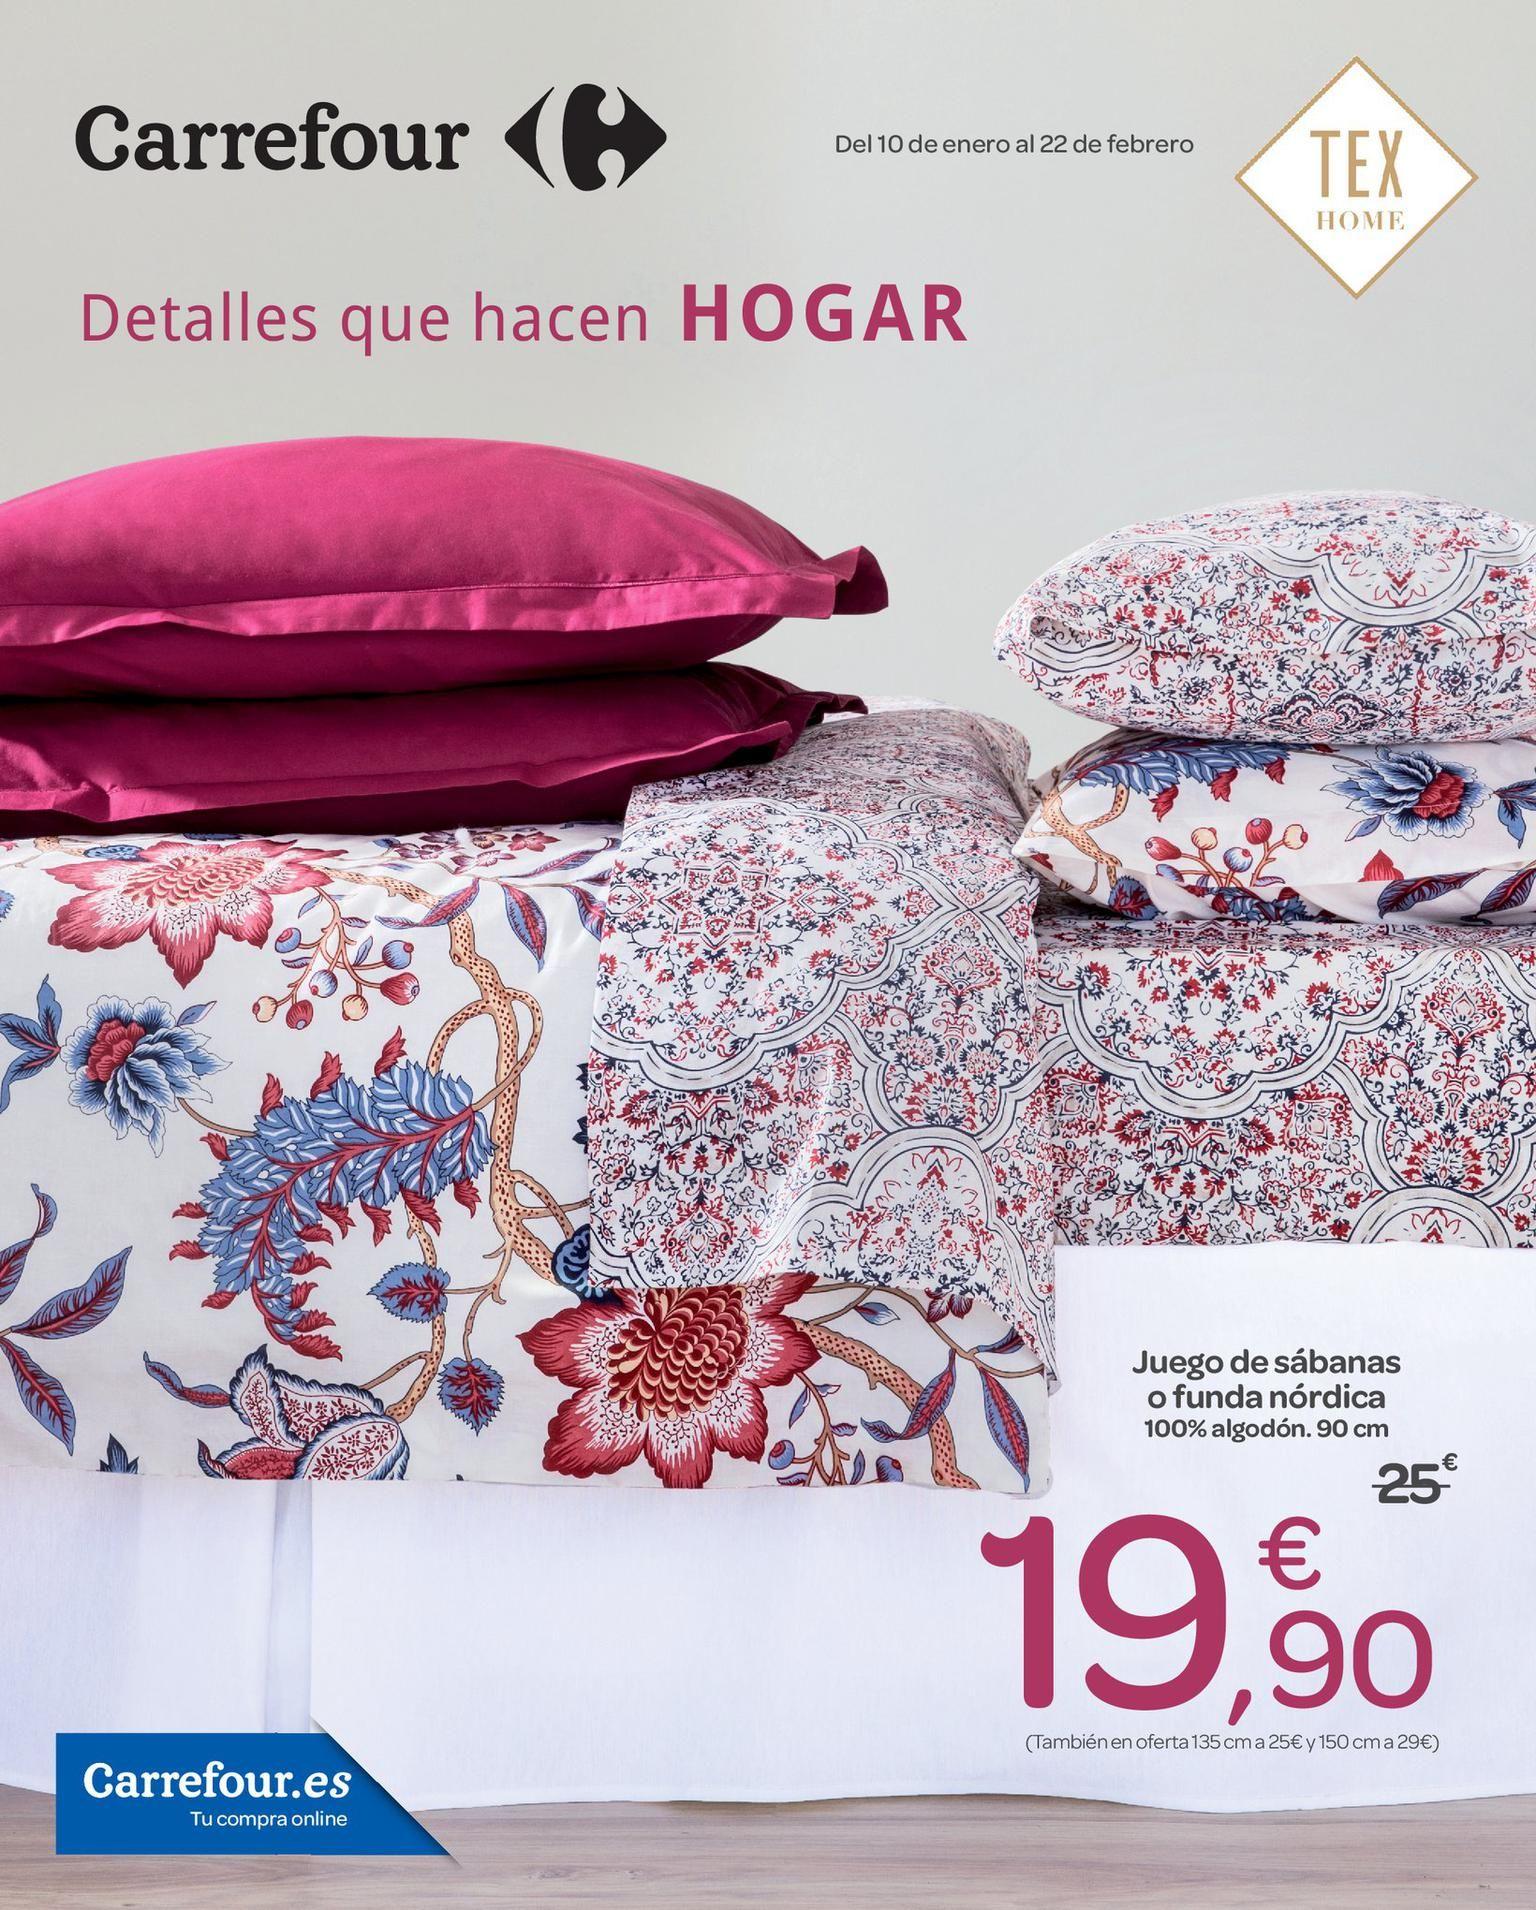 Anémona de mar camisa Votación  TEX Home - Carrefour | Sabanas, Juegos de sábanas, Hogar